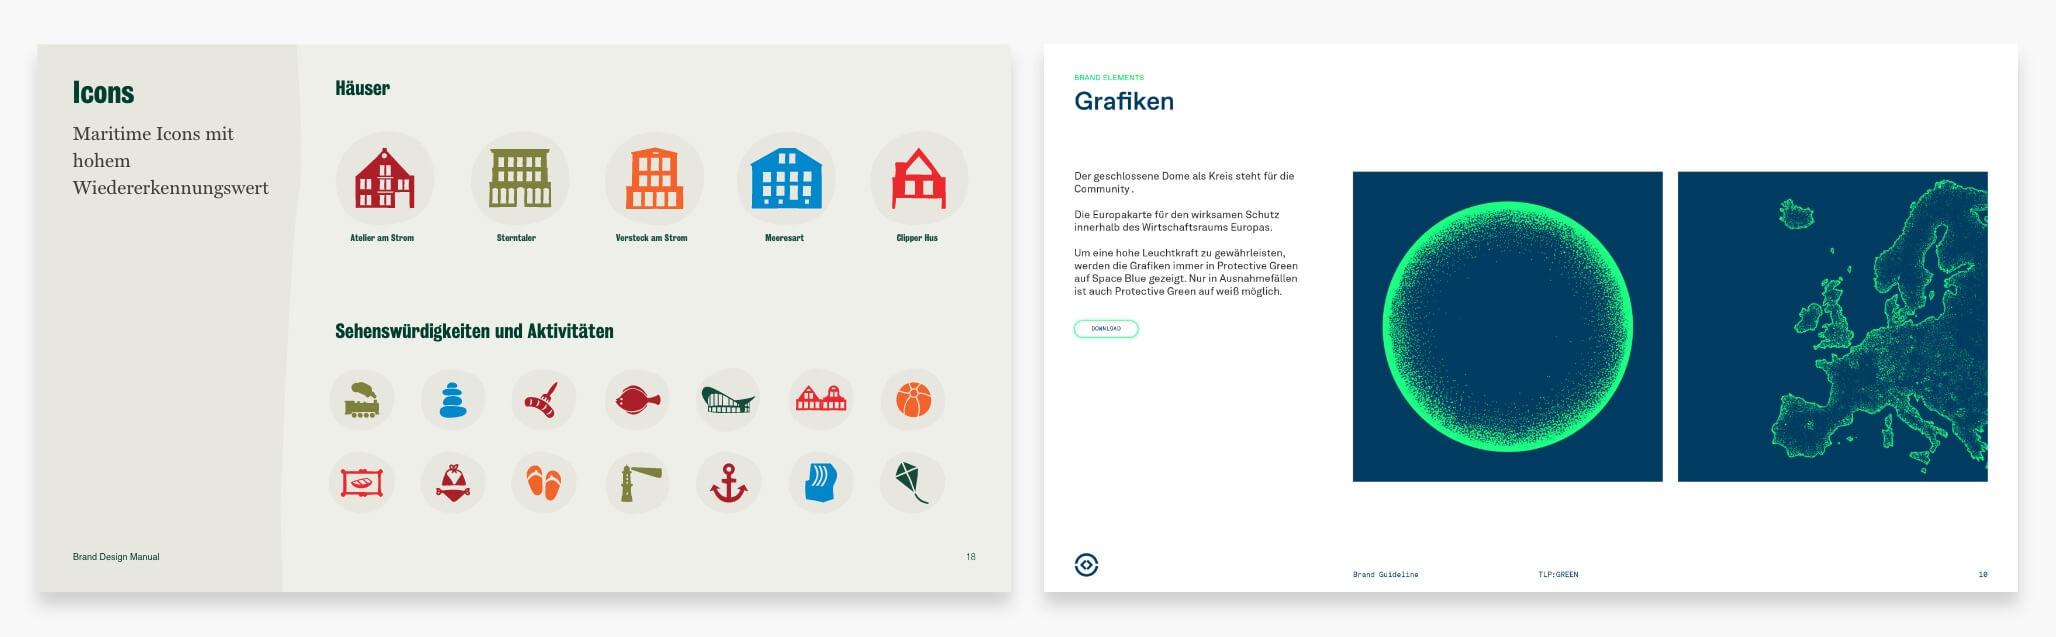 Brand Design Manual Icons und Grafiken